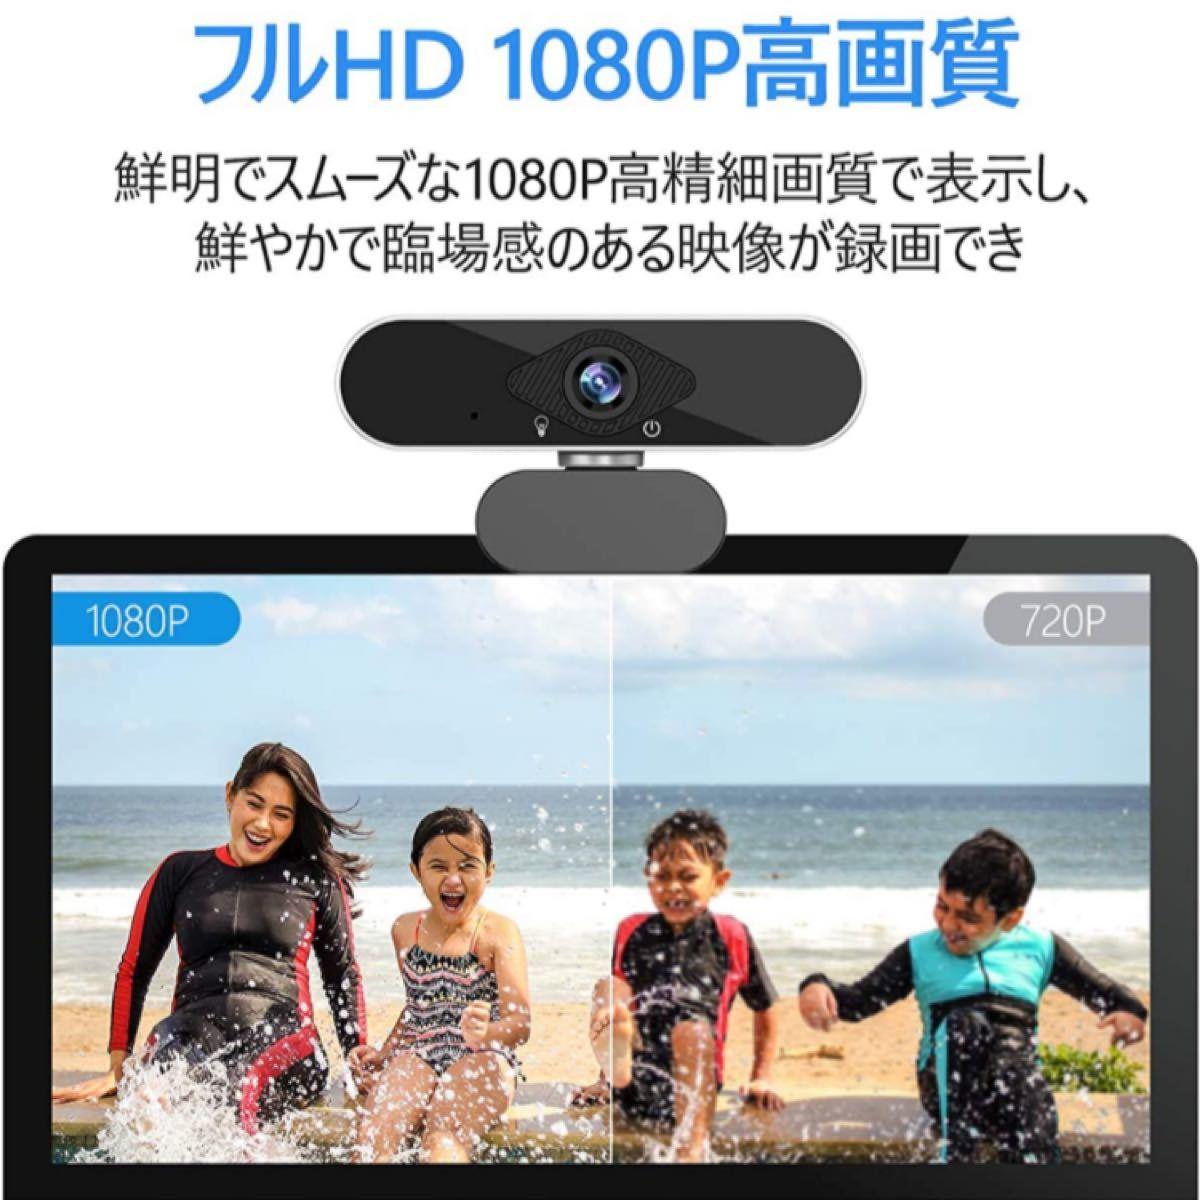 Webカメラ ウェブカメラフルHD 1080P 高画質 200万画素 マイク付き usb ノイズ対策 新品未使用